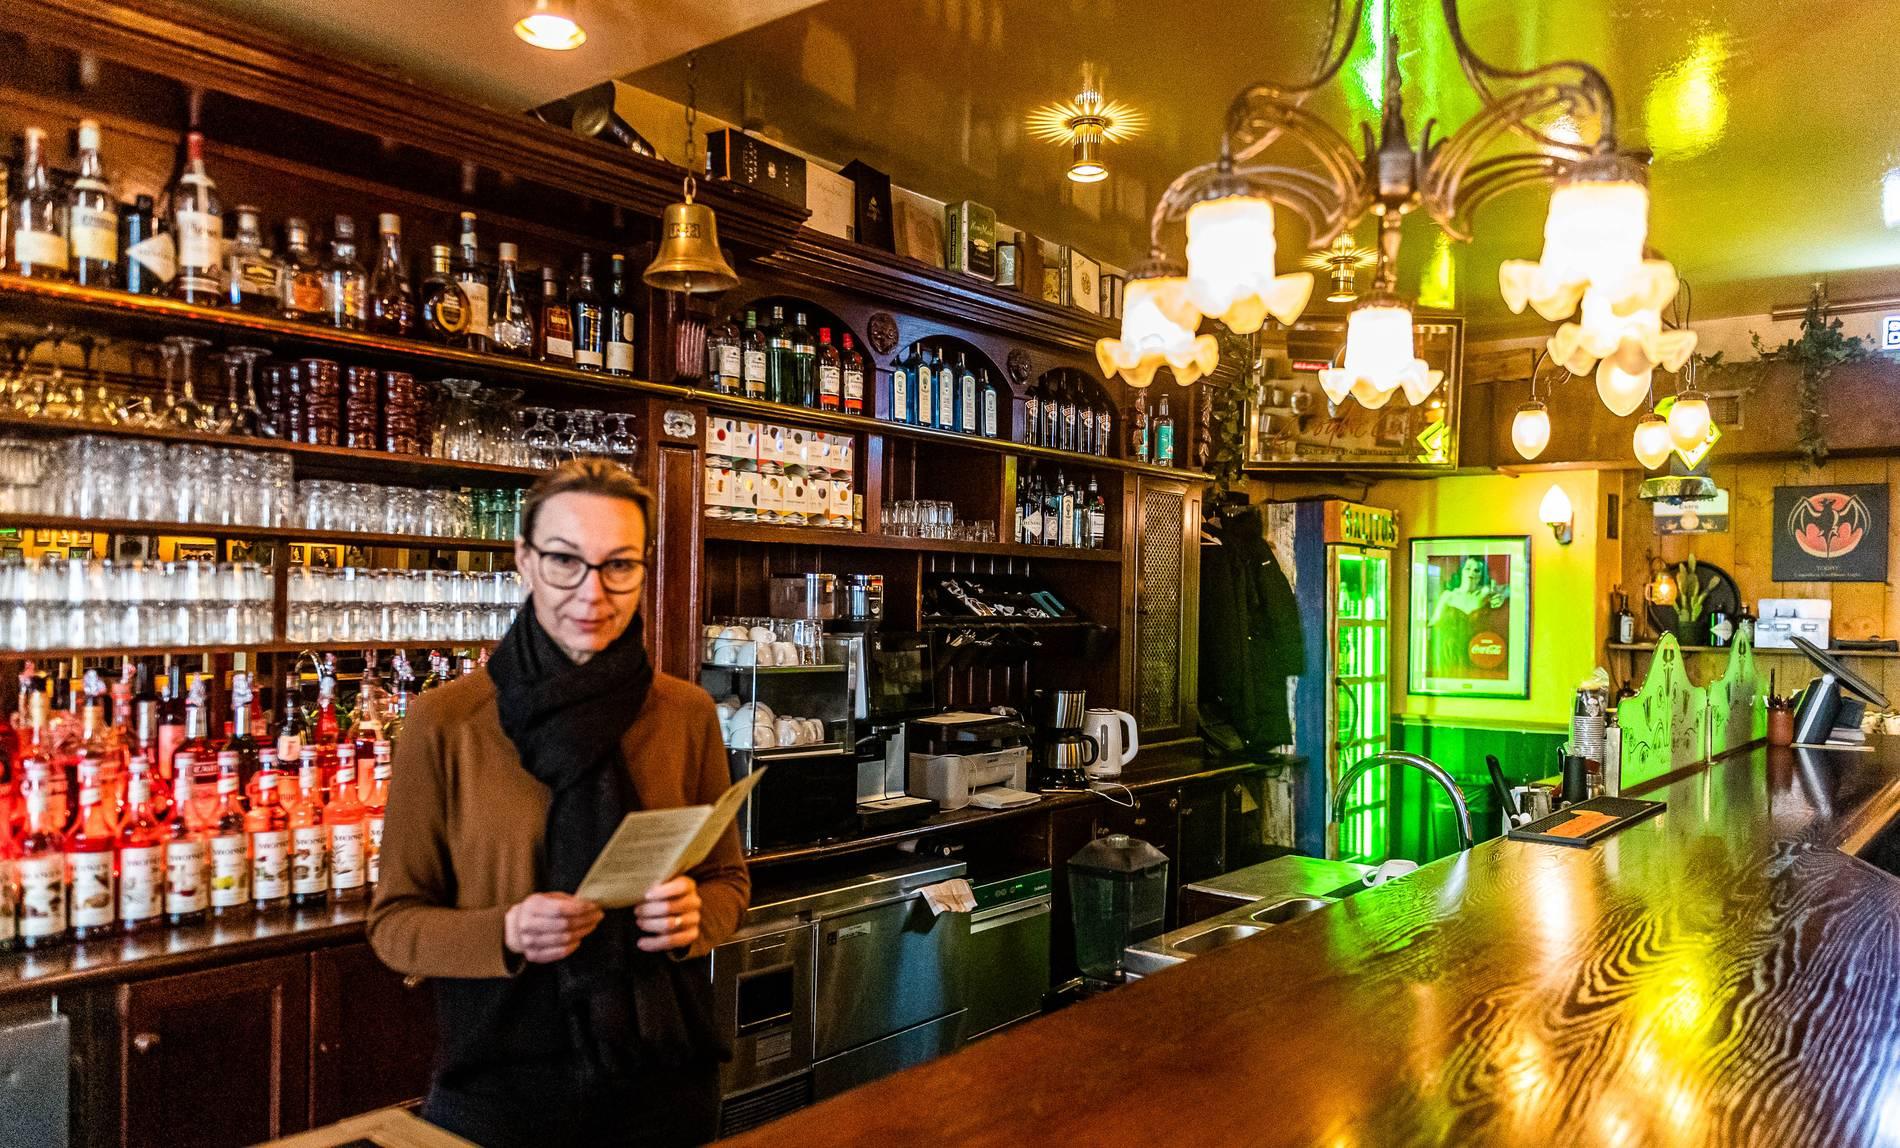 Coyote-Café-Wirtin in Saarlouis und Gastro-Verband Dehoga